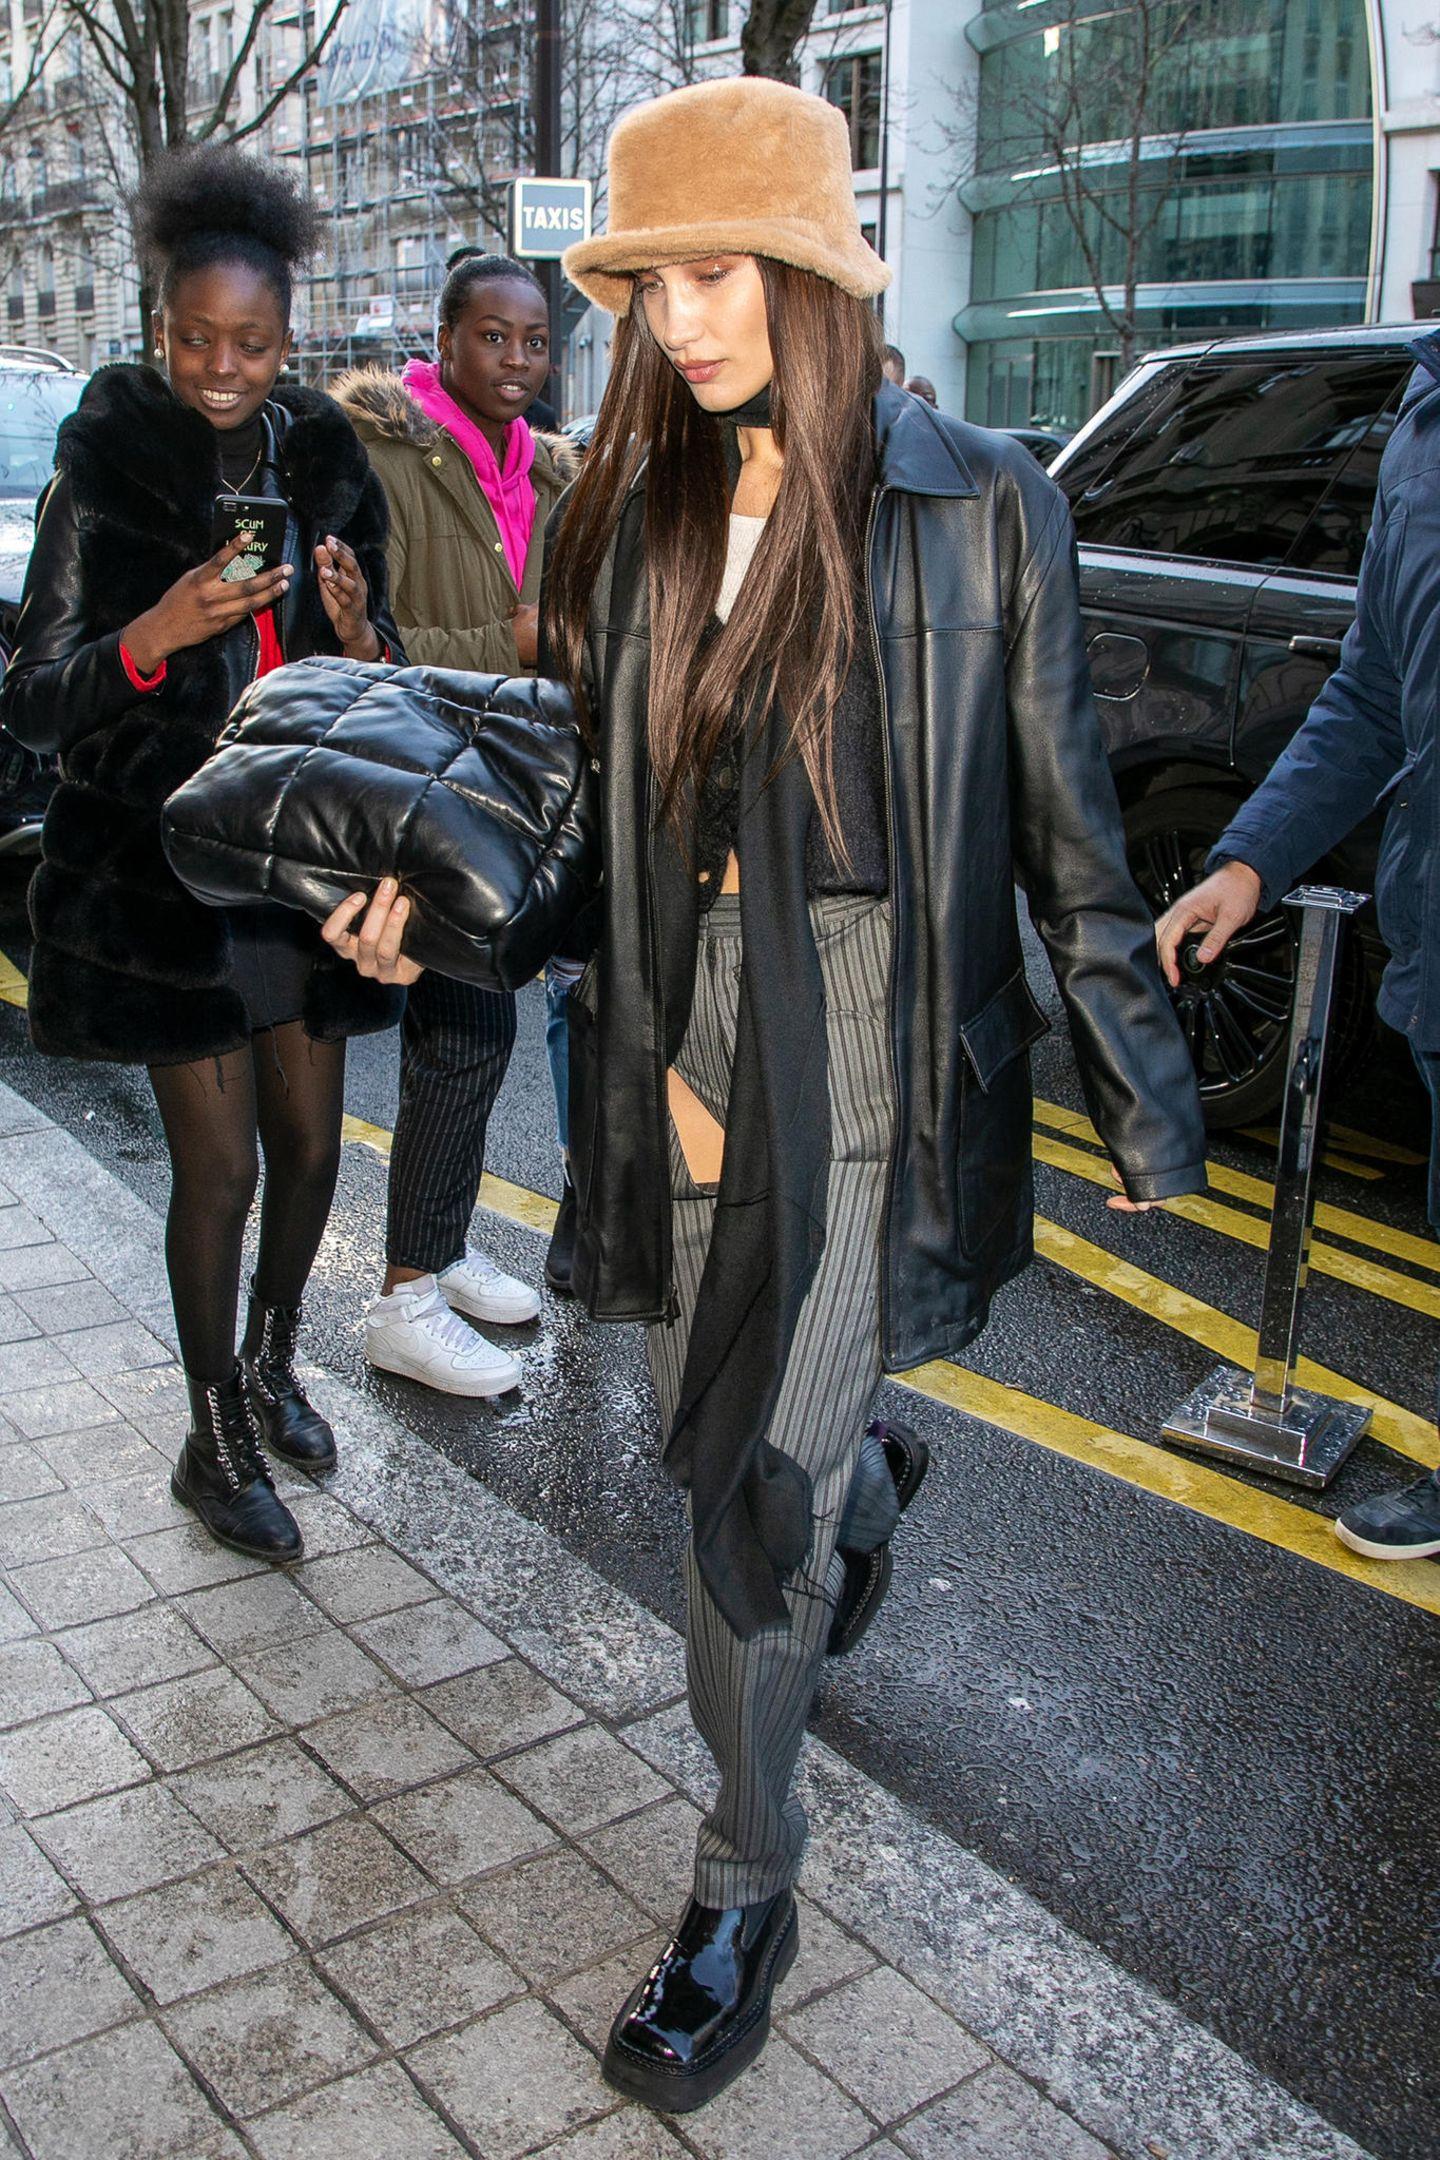 """Lang leben die Neunziger! Mit ihrem wilden Look, der Grunge und Highschool-Mode zu vereinen scheint, könnte Bella Hadid locker in einem Remake von """"Clueless"""" mitspielen."""